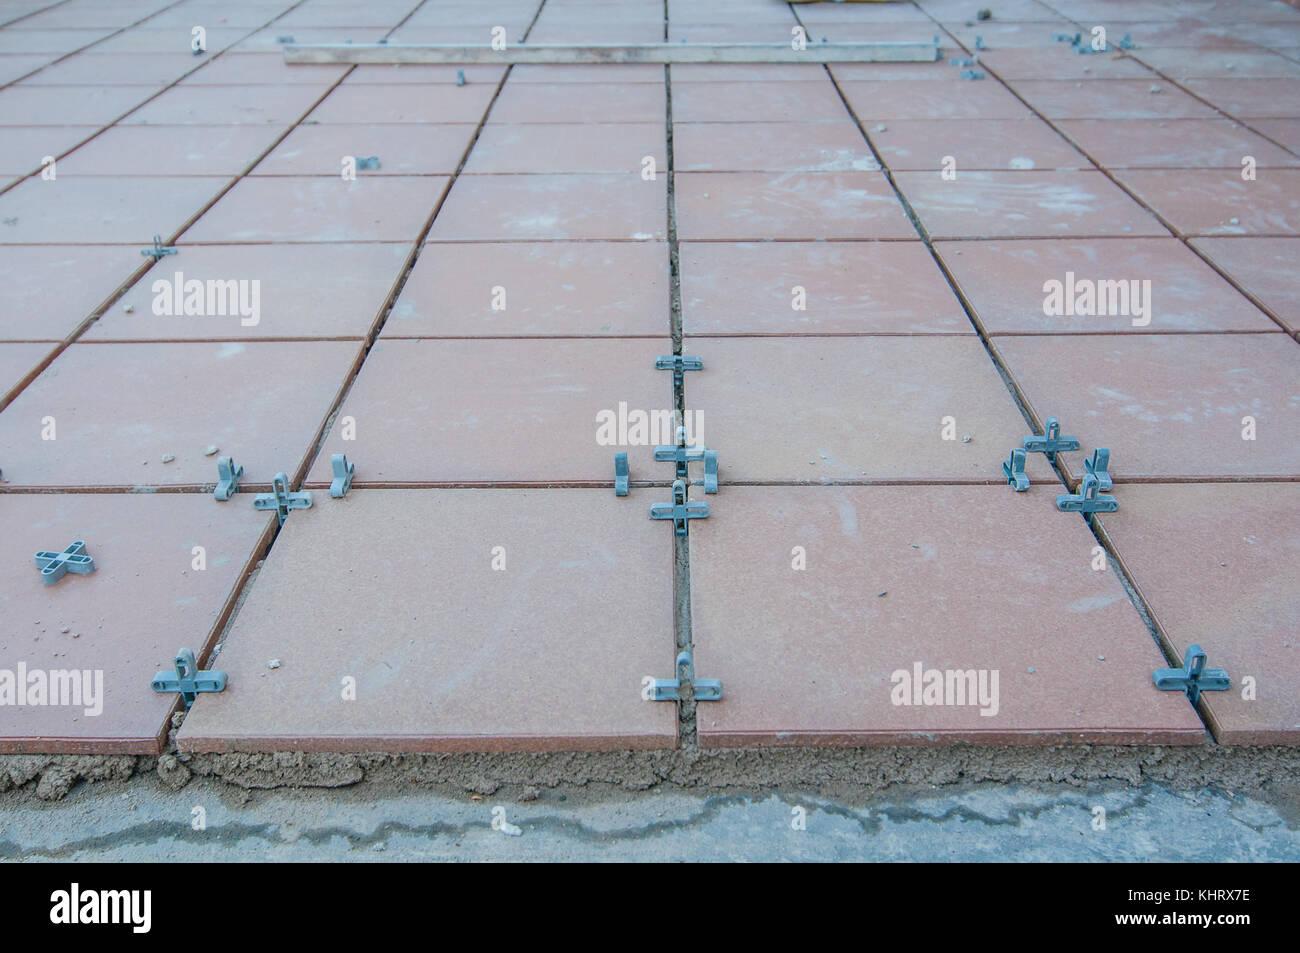 Installazione di piastrelle su un pavimento per terrazzo e alcuni